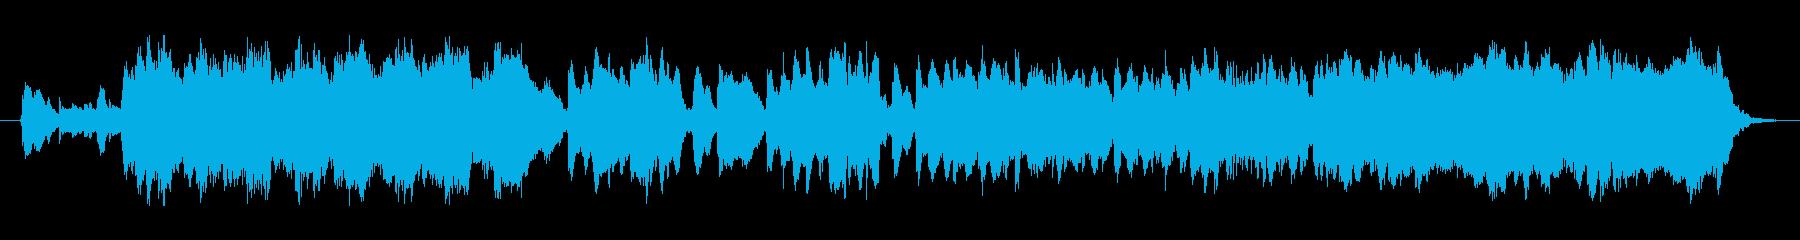 ストリングスと木管楽器が特徴の明る...の再生済みの波形